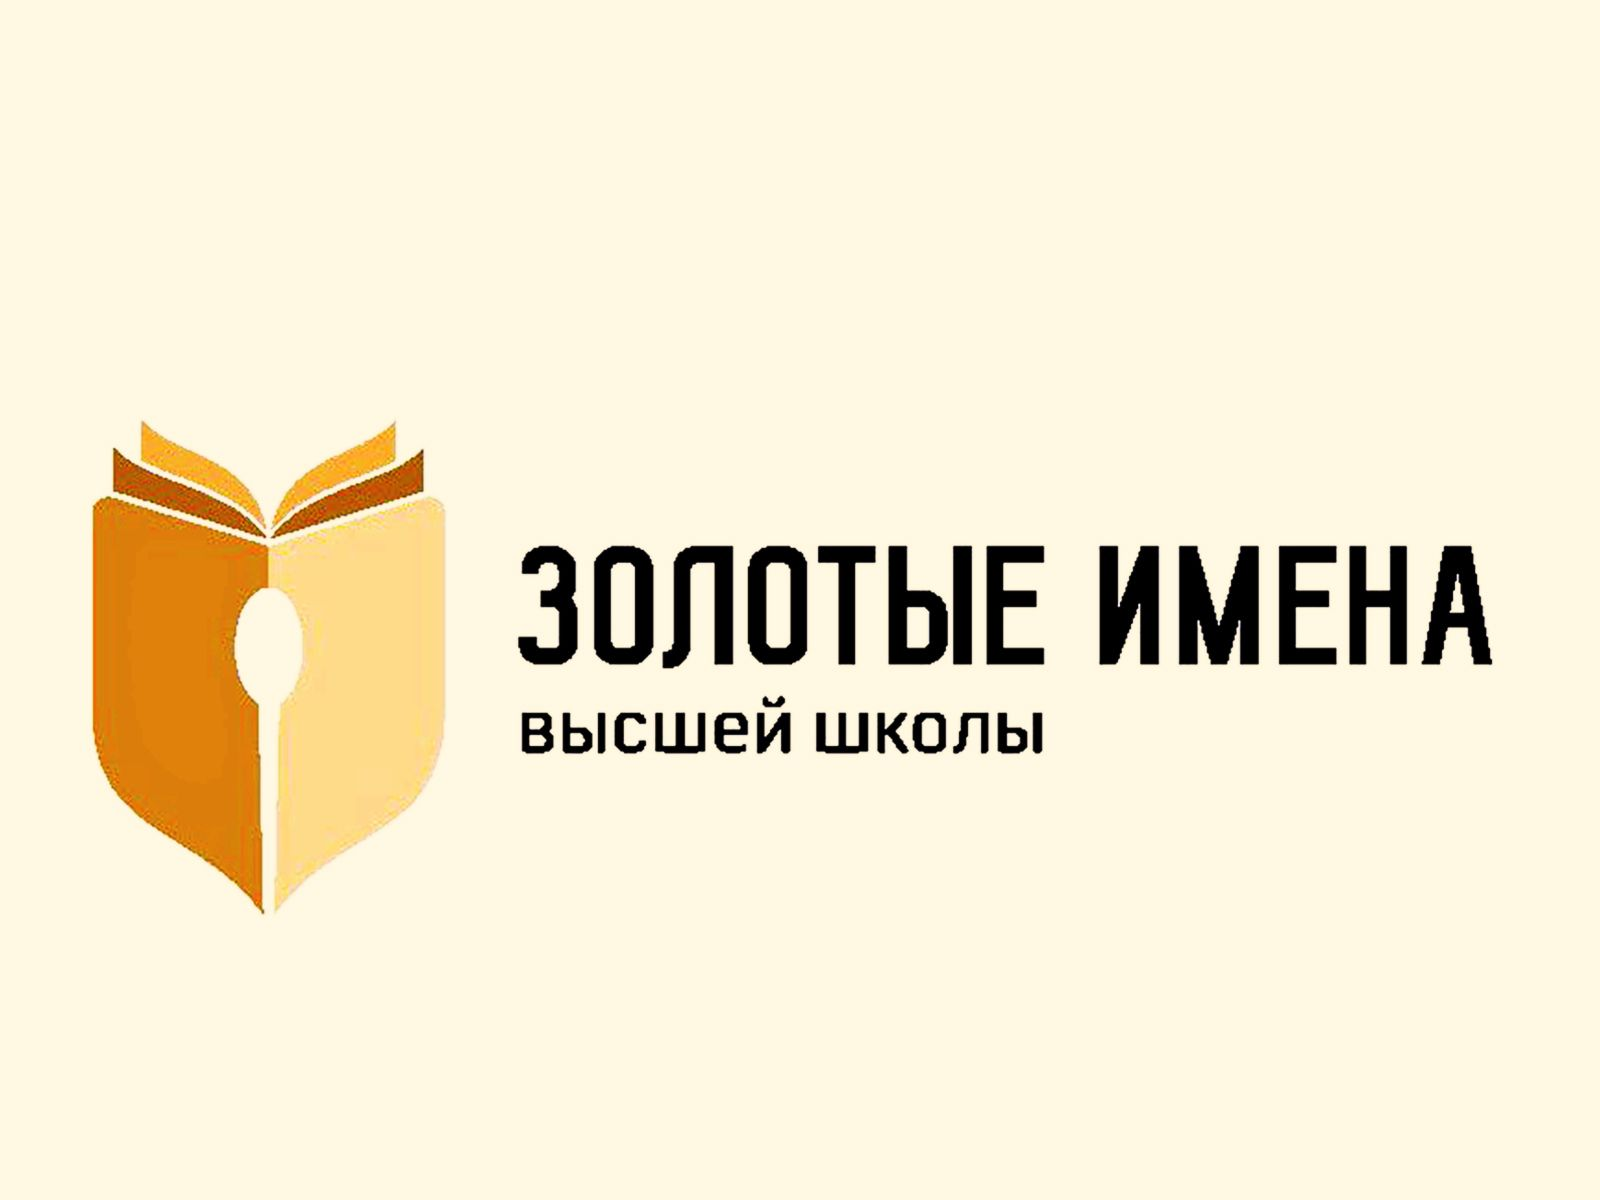 Преподавателей ВГУЭС приглашают к участию в конкурсе «Золотые Имена Высшей Школы»